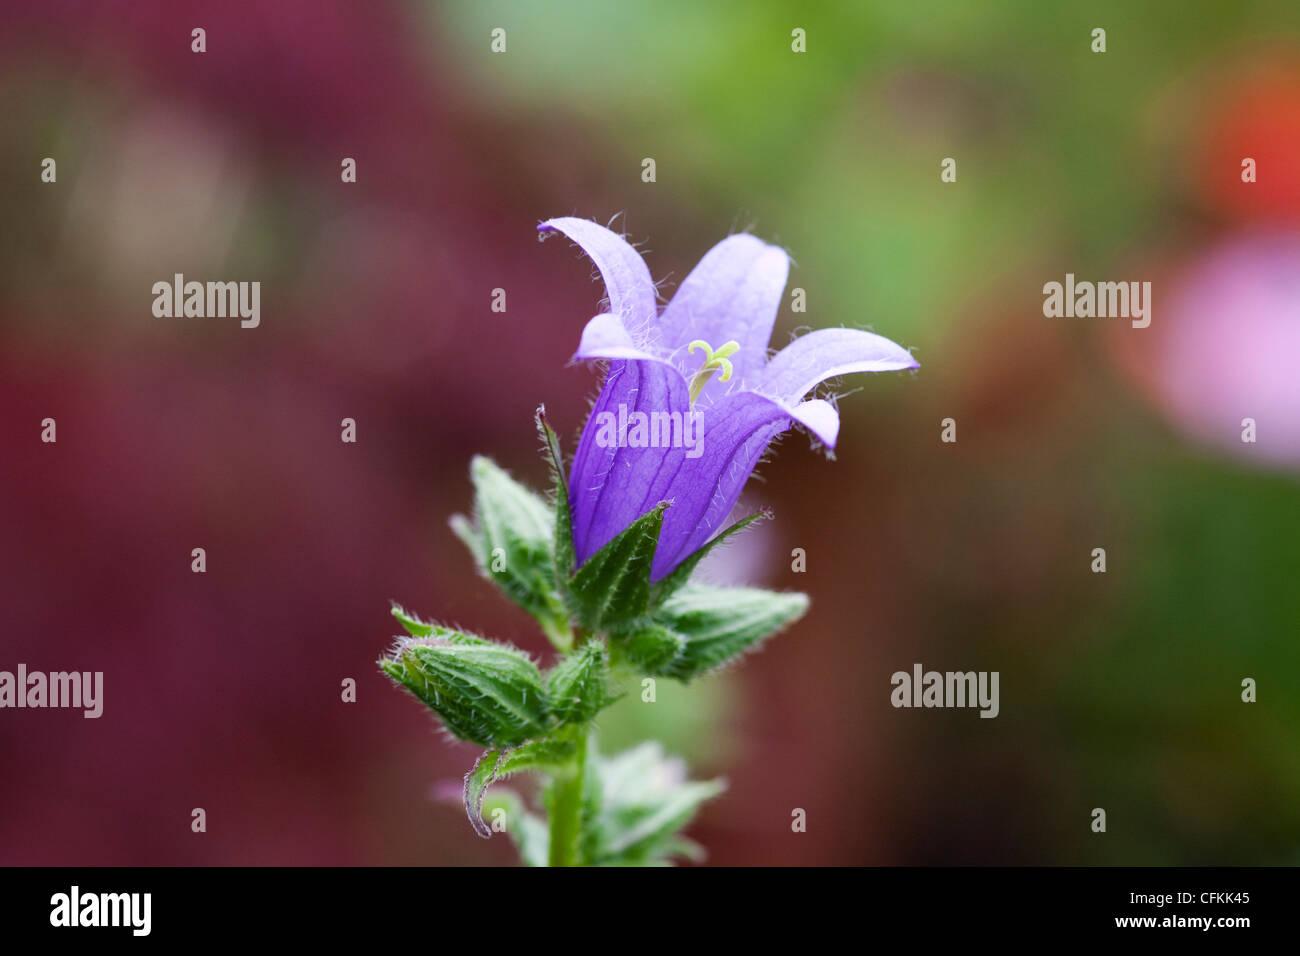 Campanula trachelium. Nettle leaved bellflower. - Stock Image